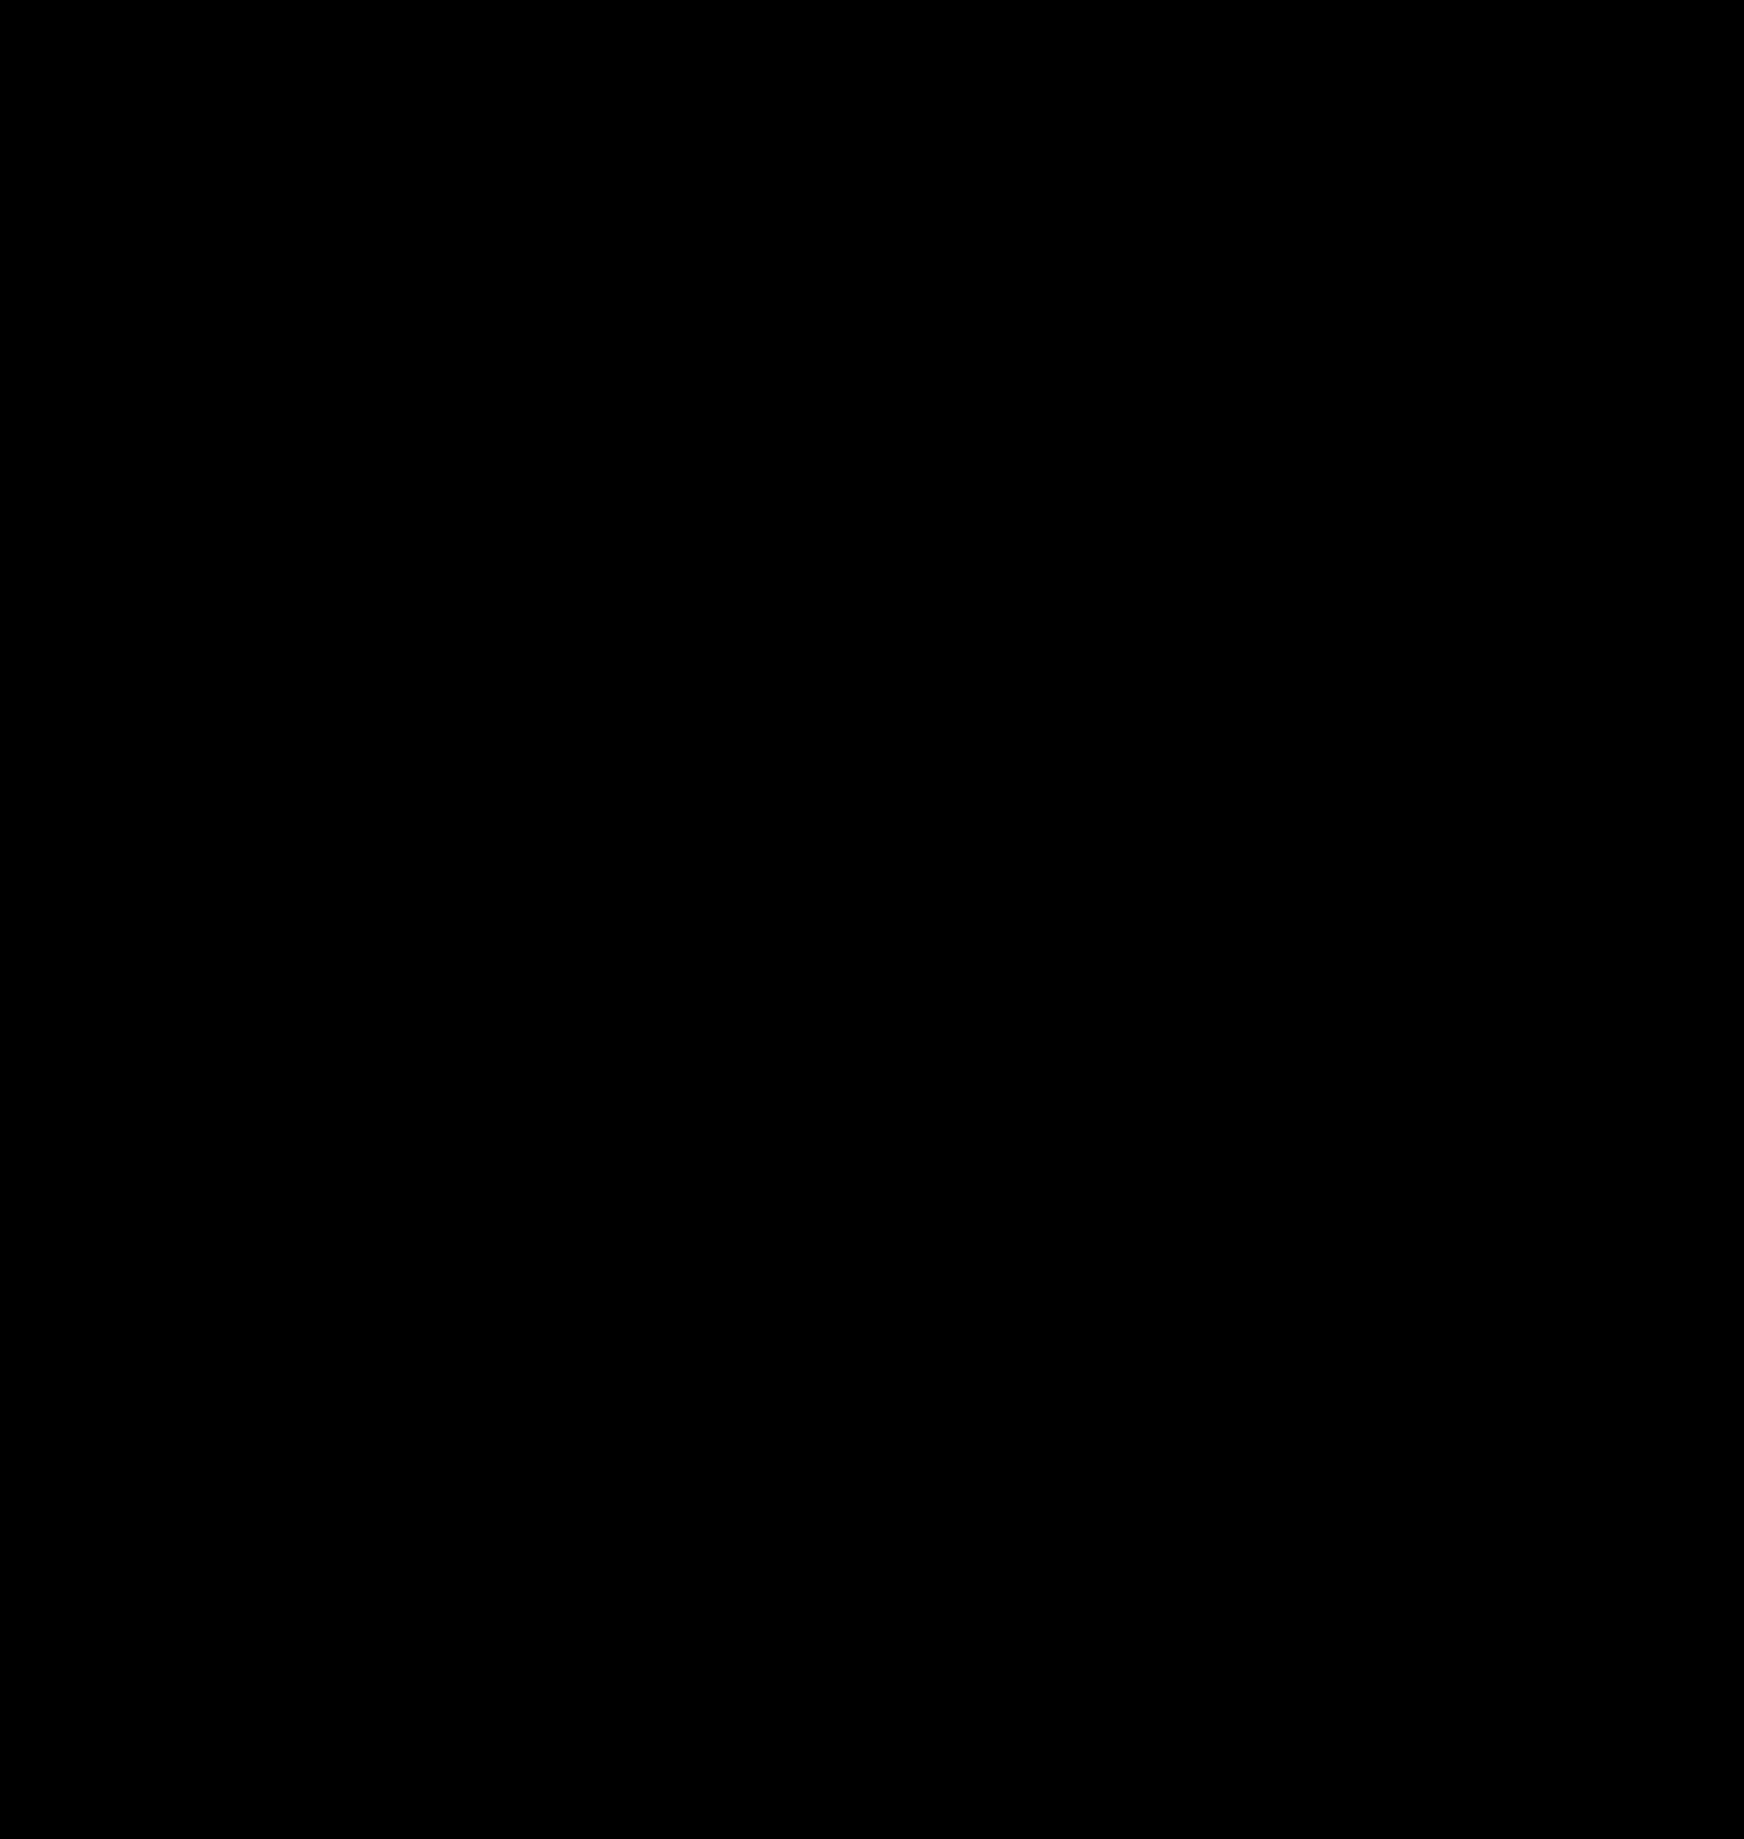 STRAWBERRY ICECREAM